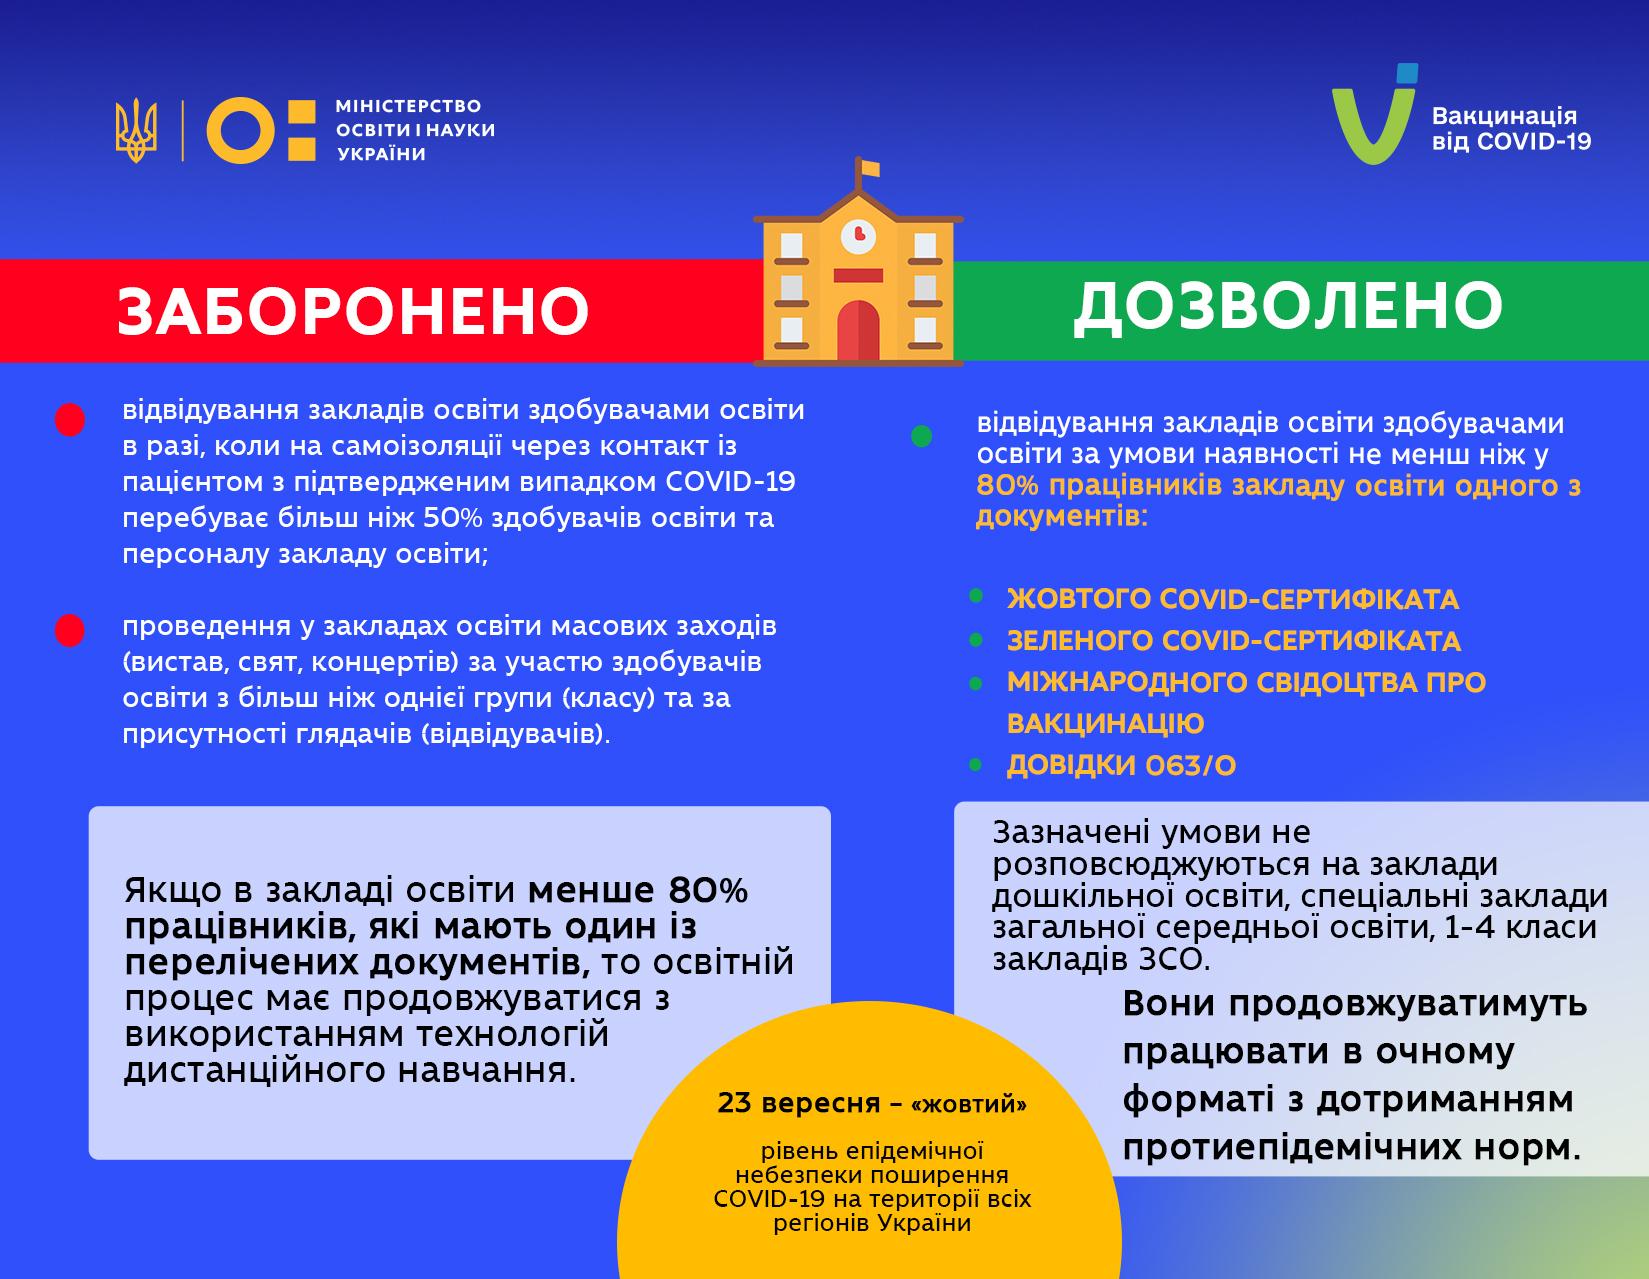 Сергій Шкарлет роз'яснив, як працюватимуть заклади освіти при «жовтому» рівні епіднебезпеки поширення COVID-19